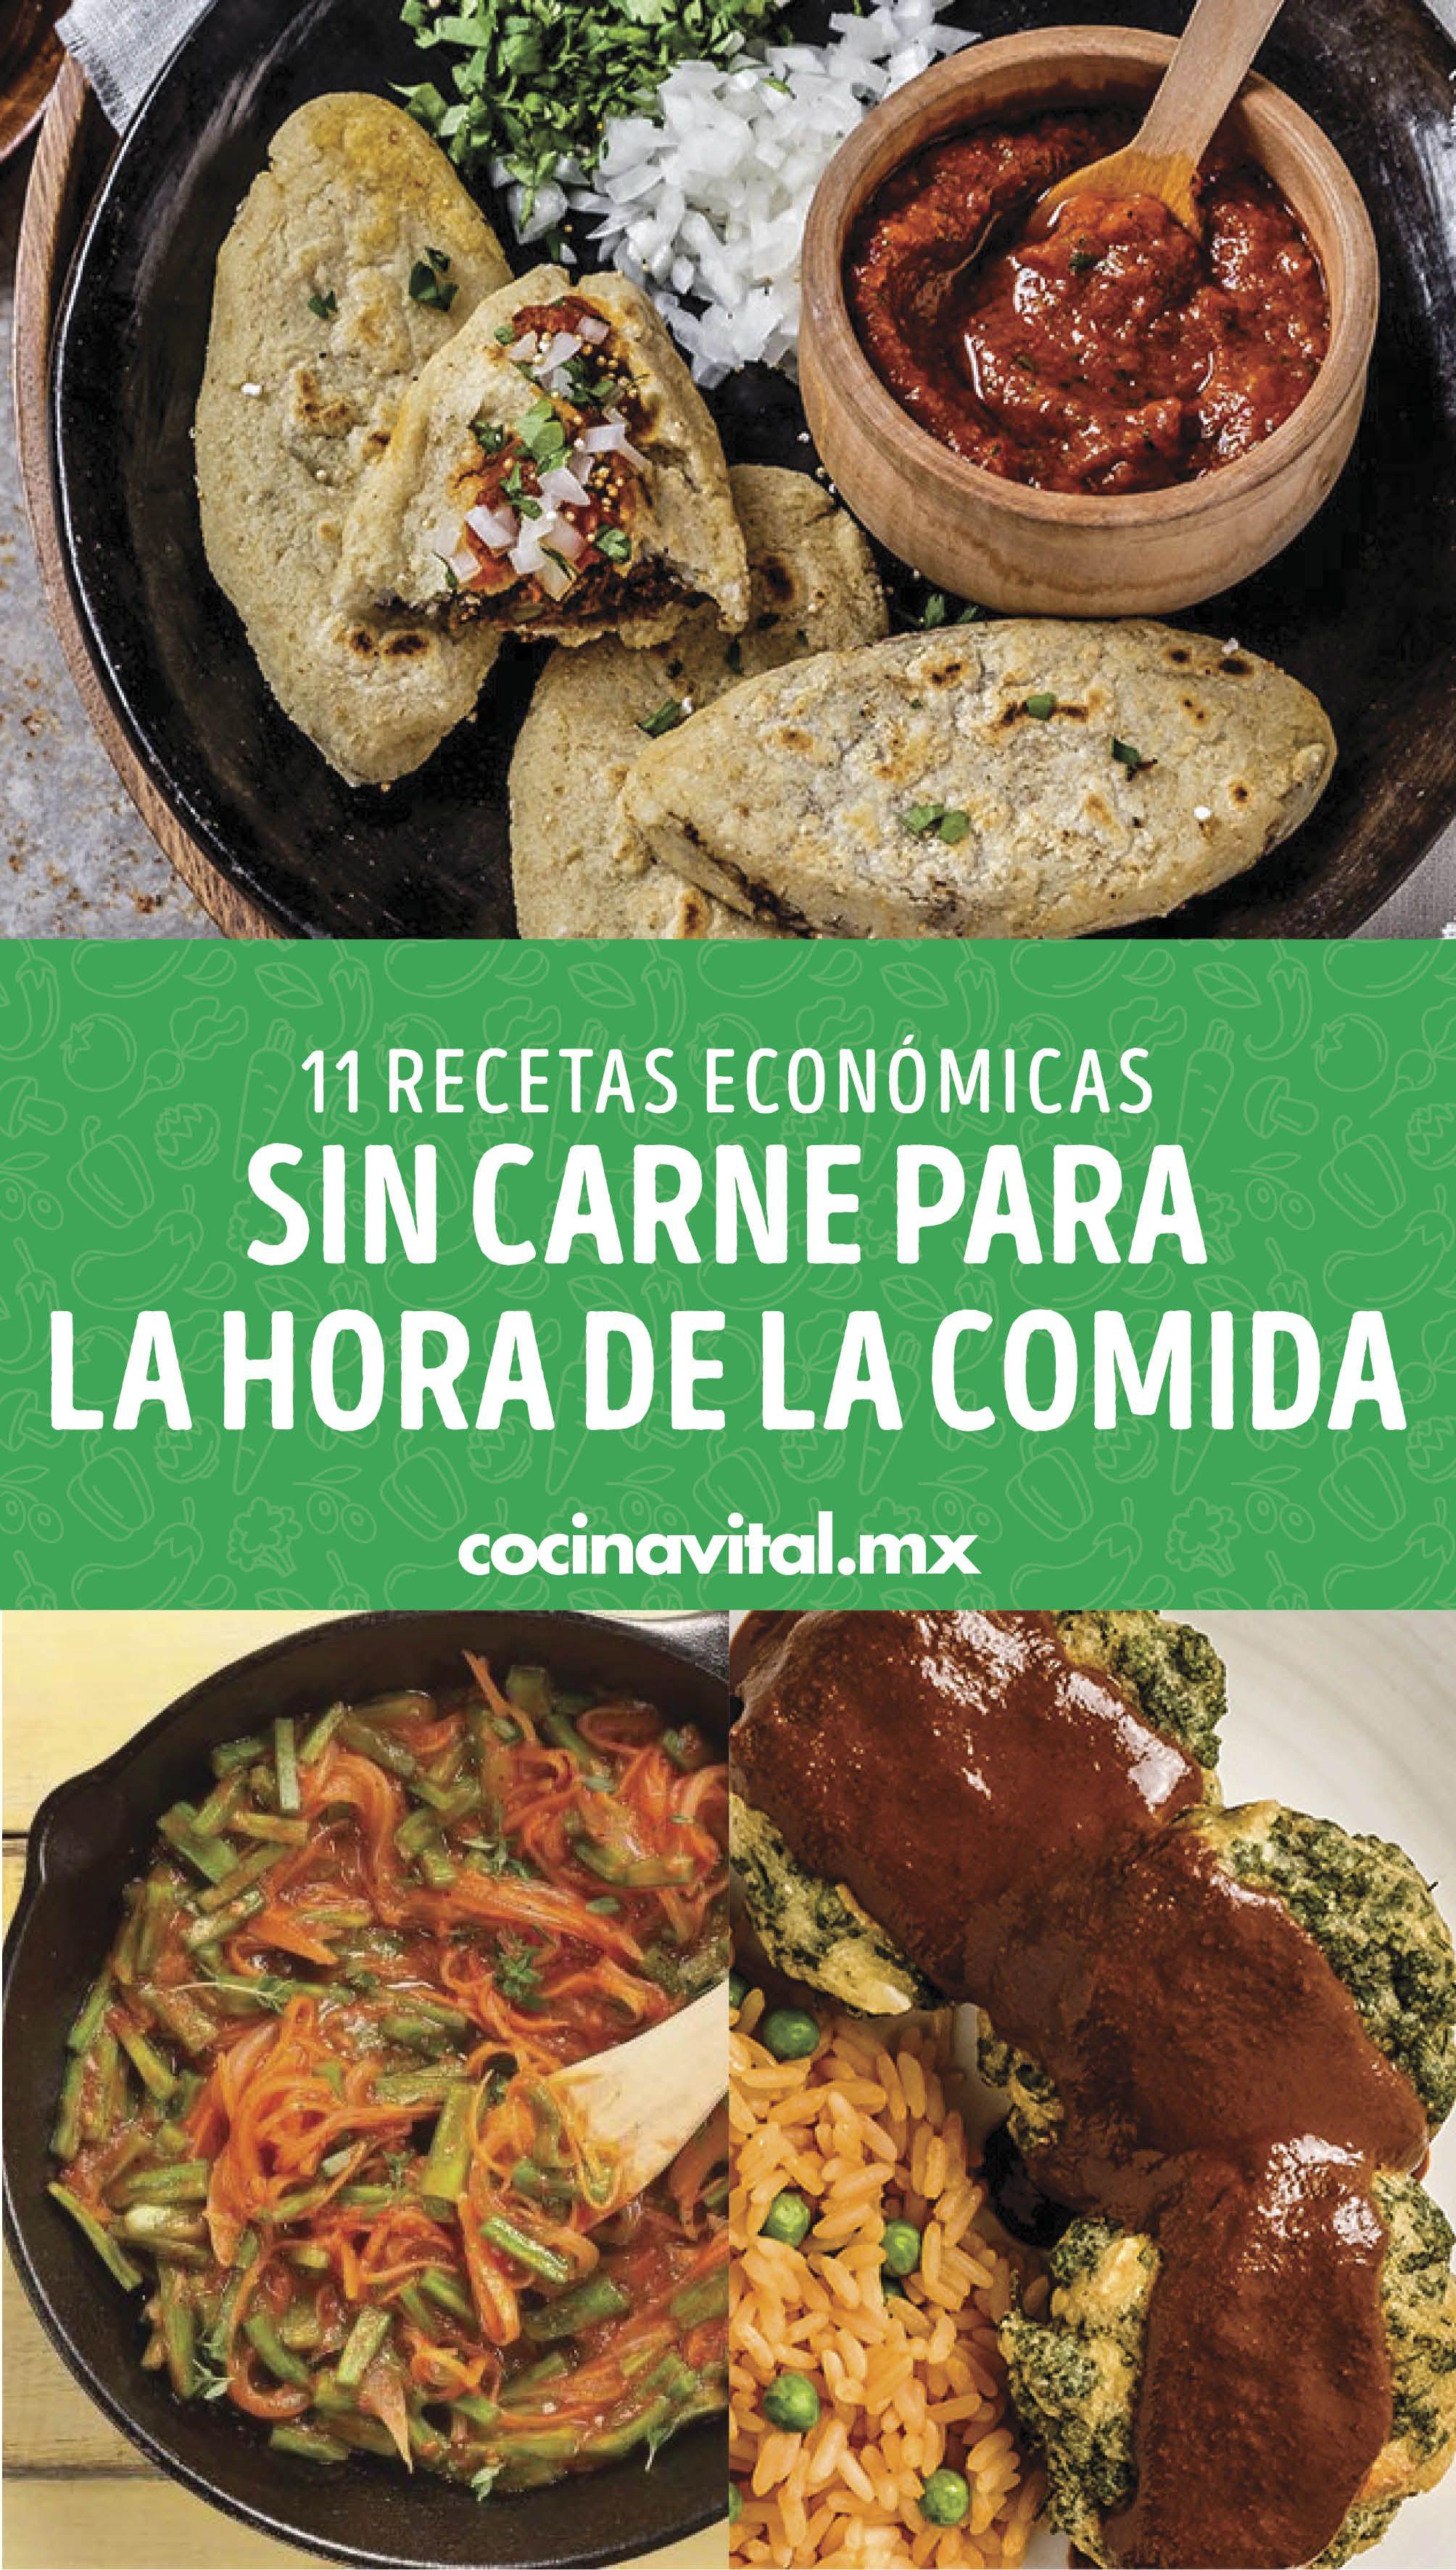 11 Recetas Económicas Sin Carne Para La Hora De La Comida Cocina Vital Qué Cocinar Hoy Comida Economica Recetas Comida Comidas Faciles Y Economicas